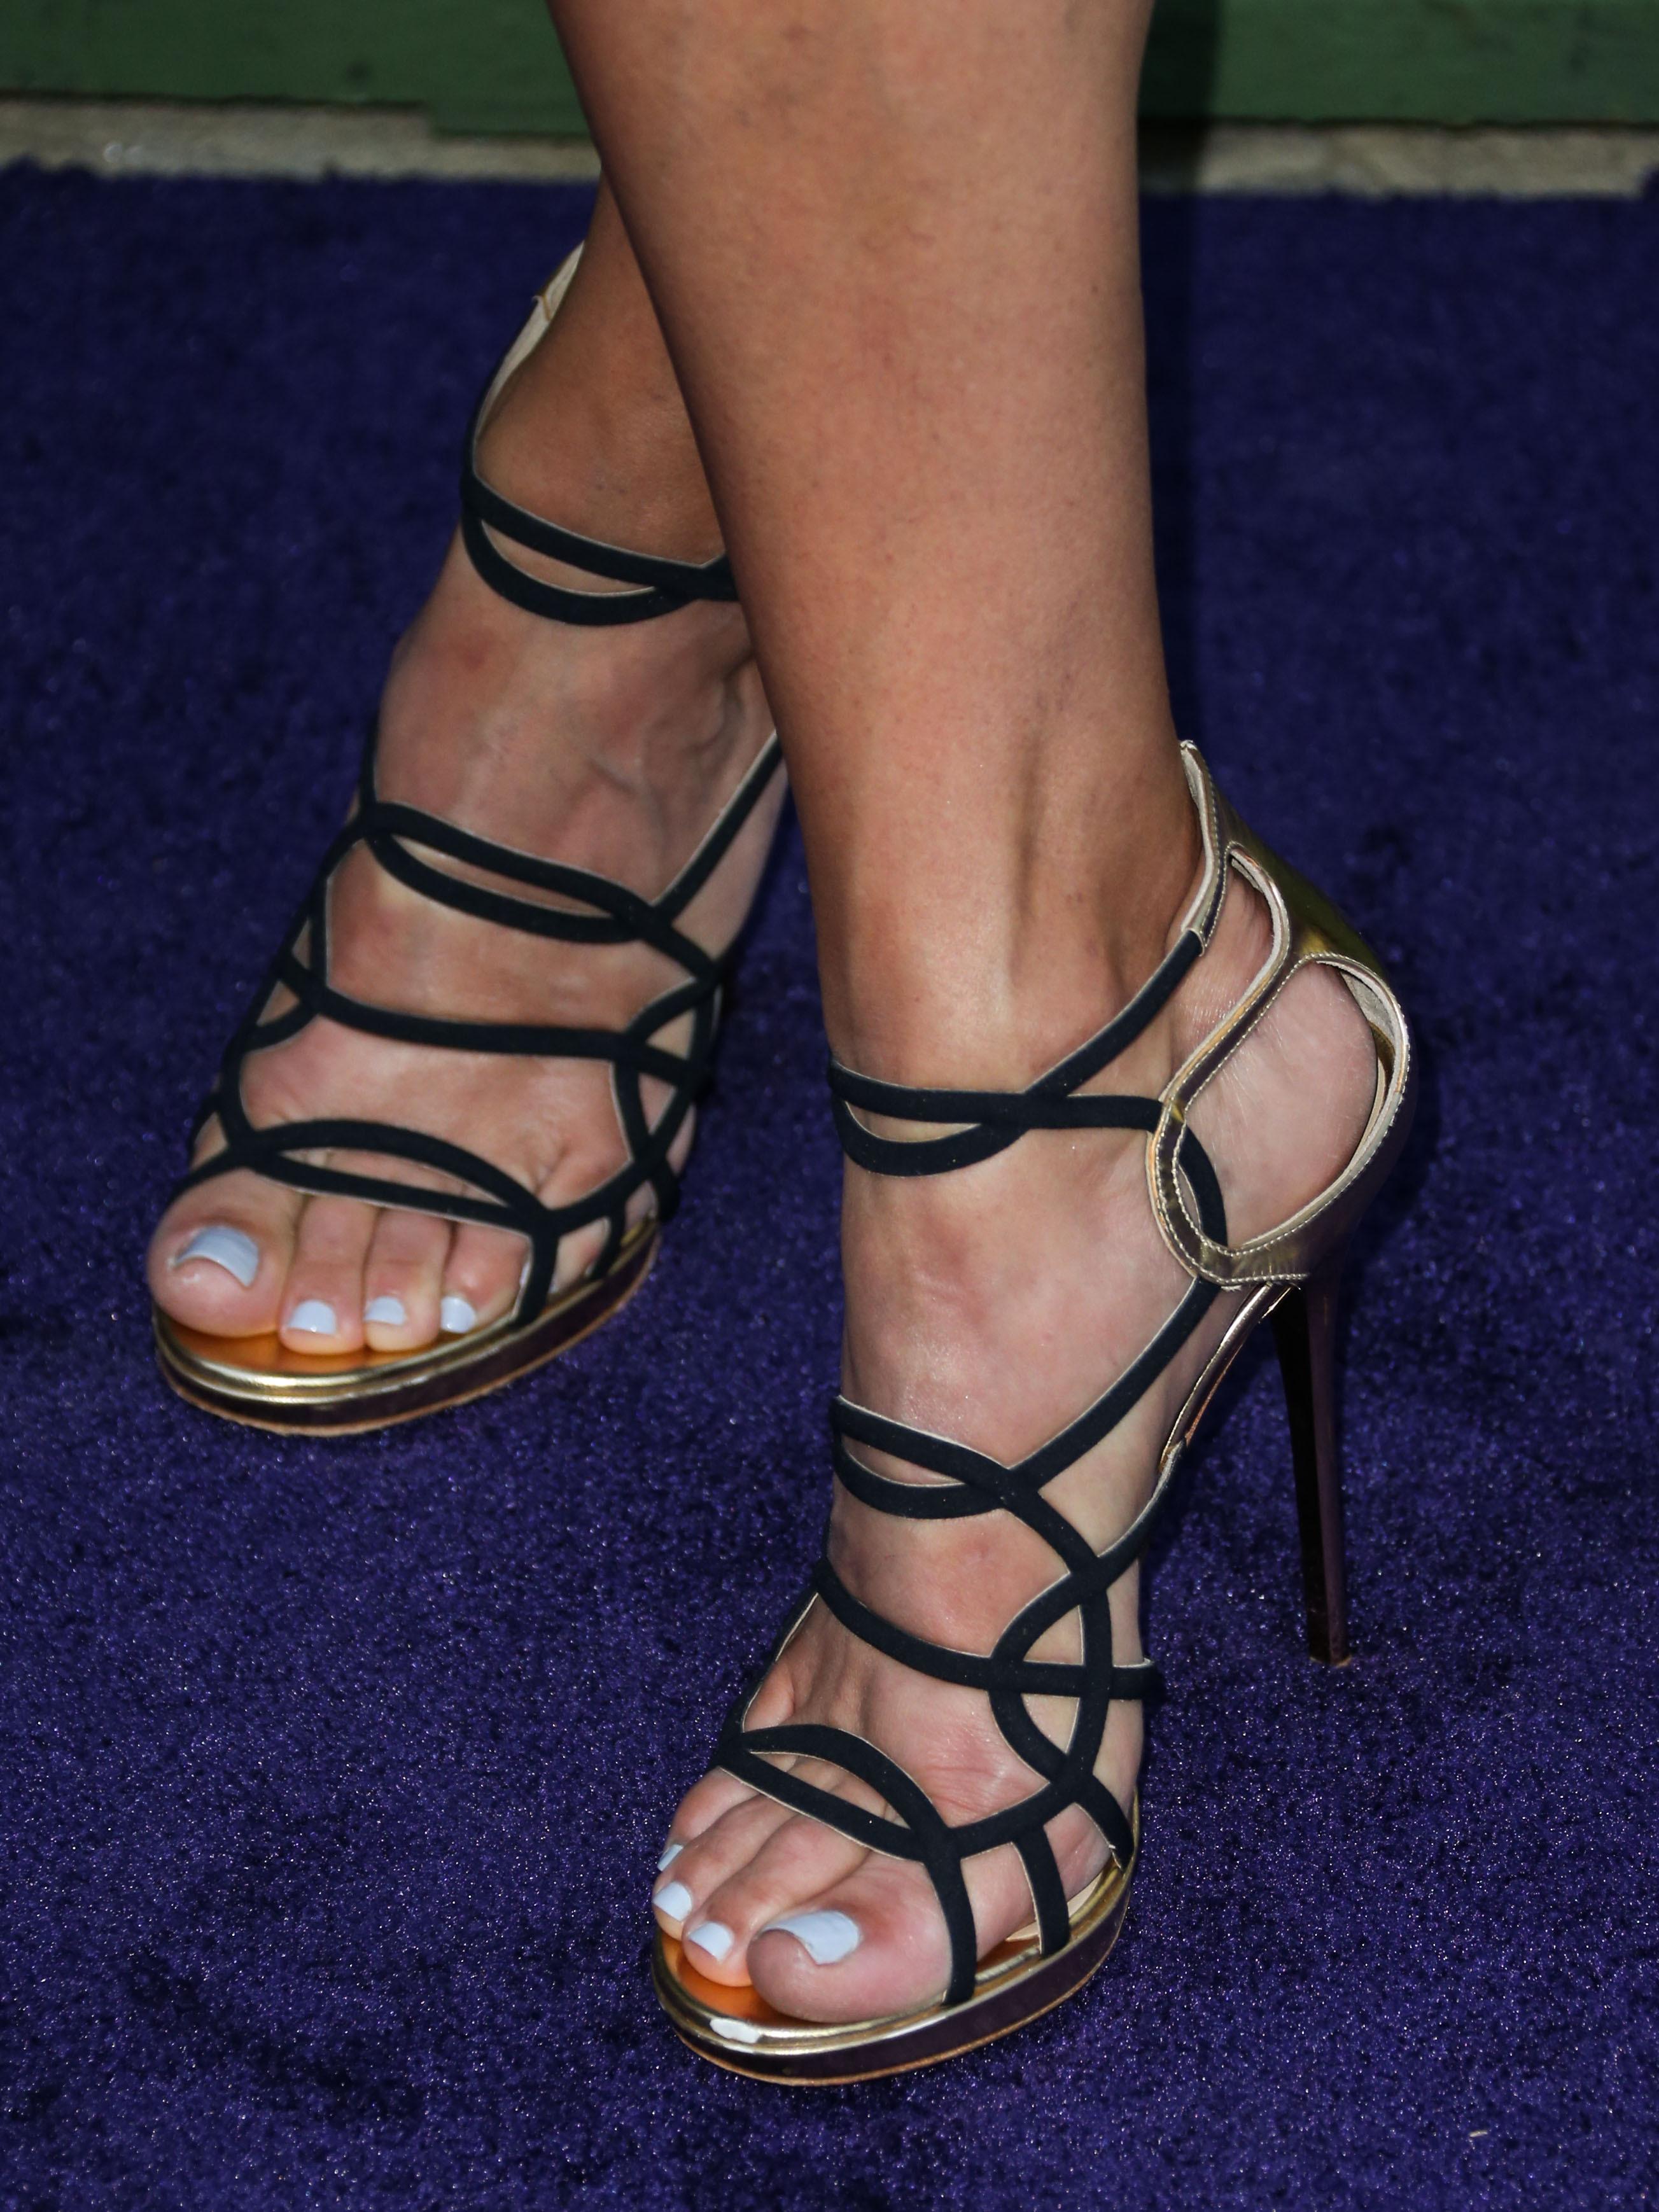 Lori loughlin sexy pic